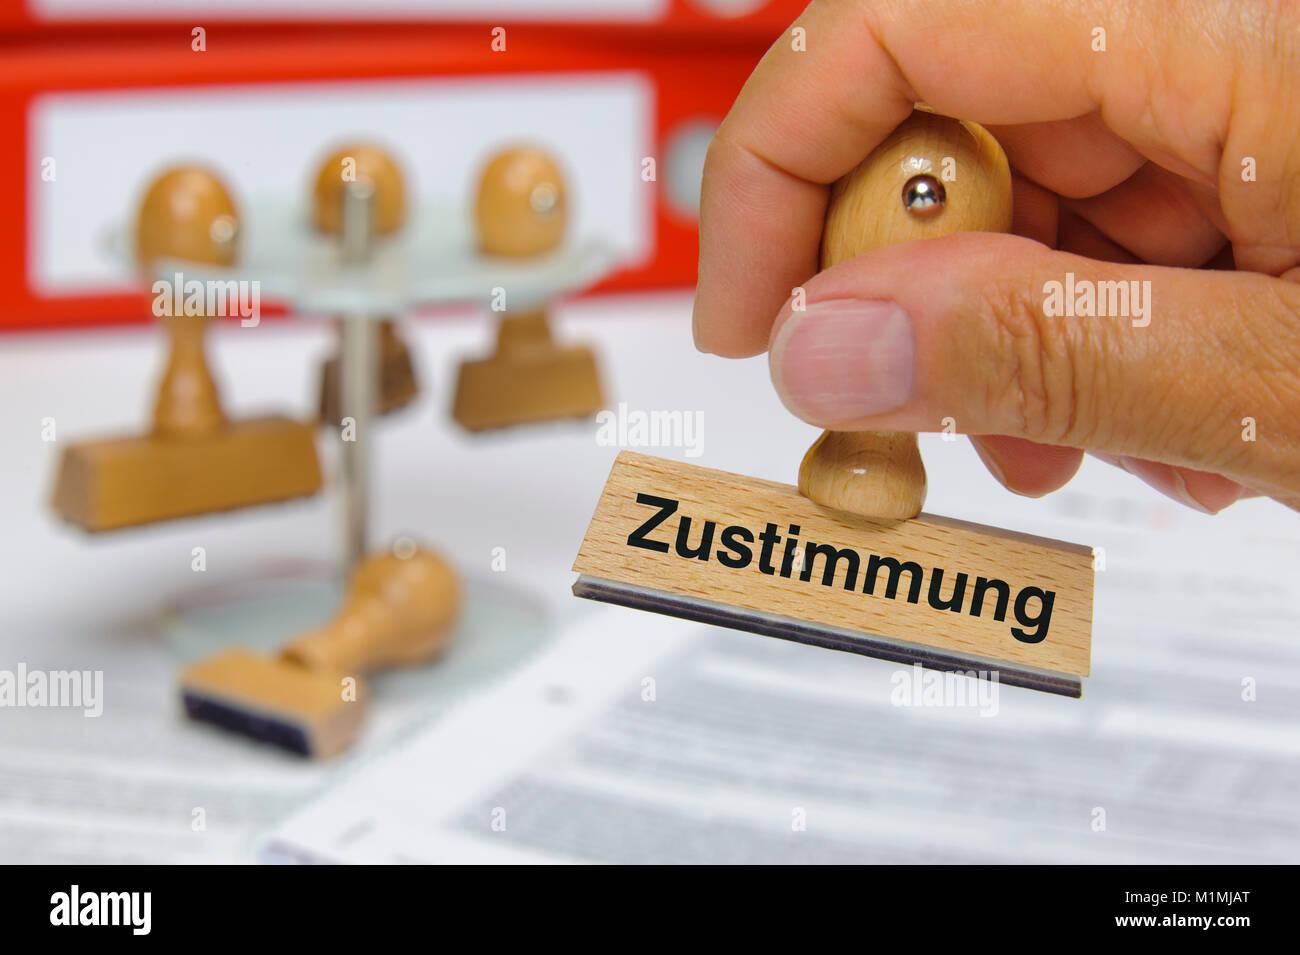 Stempel in Hand beschriftet mit Zustimmung Stock Photo: 173171792 ...